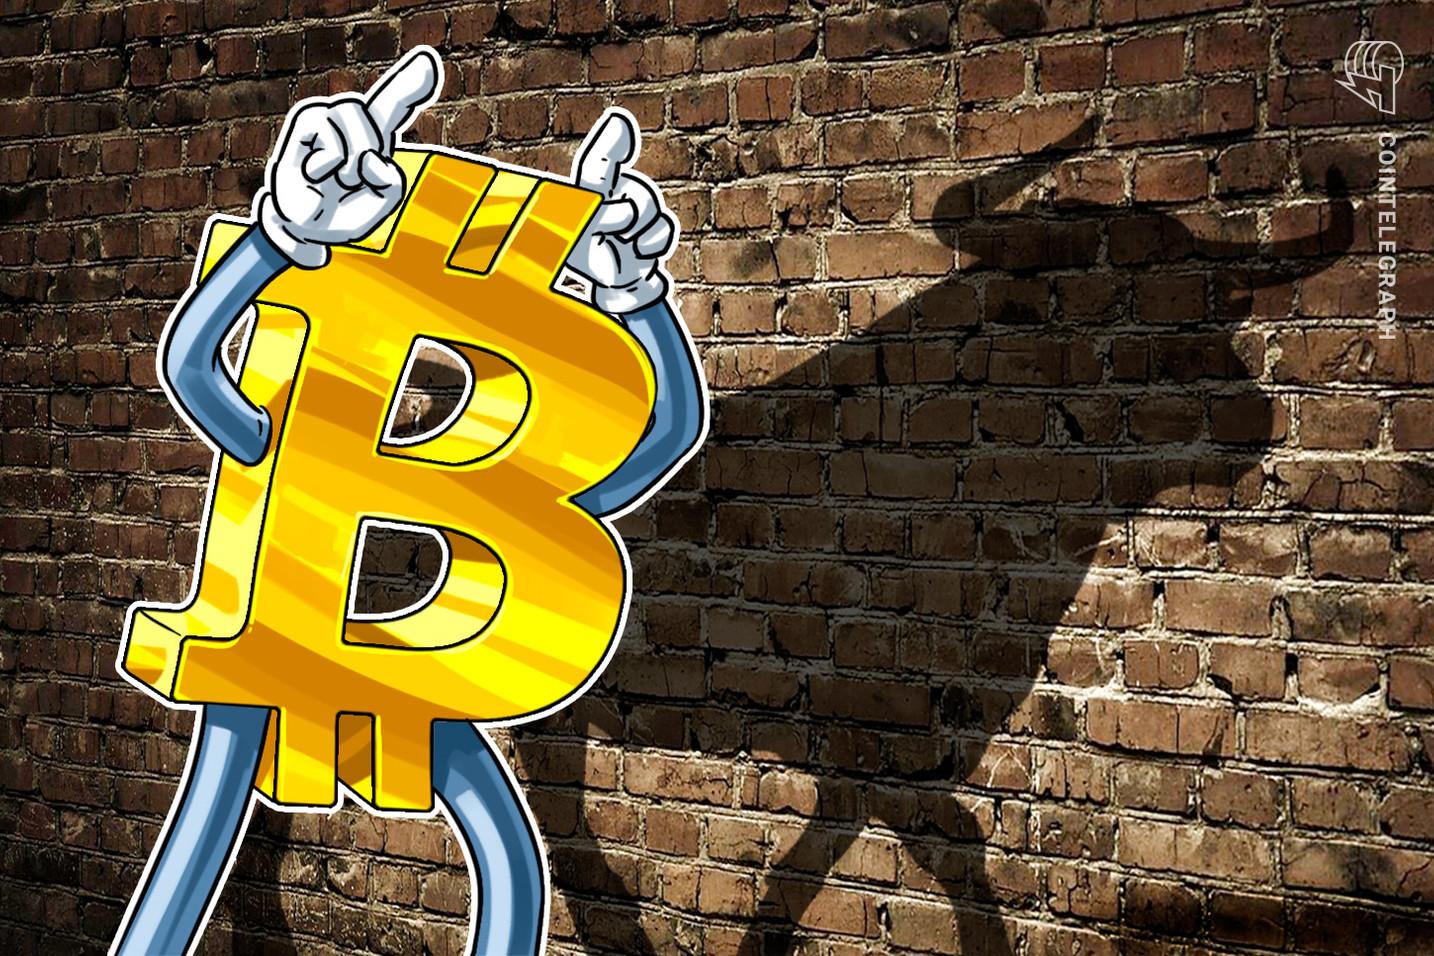 Willy Woo: A pesar de la inestabilidad en el precio de Bitcoin, la perspectiva alcista se mantiene intacta